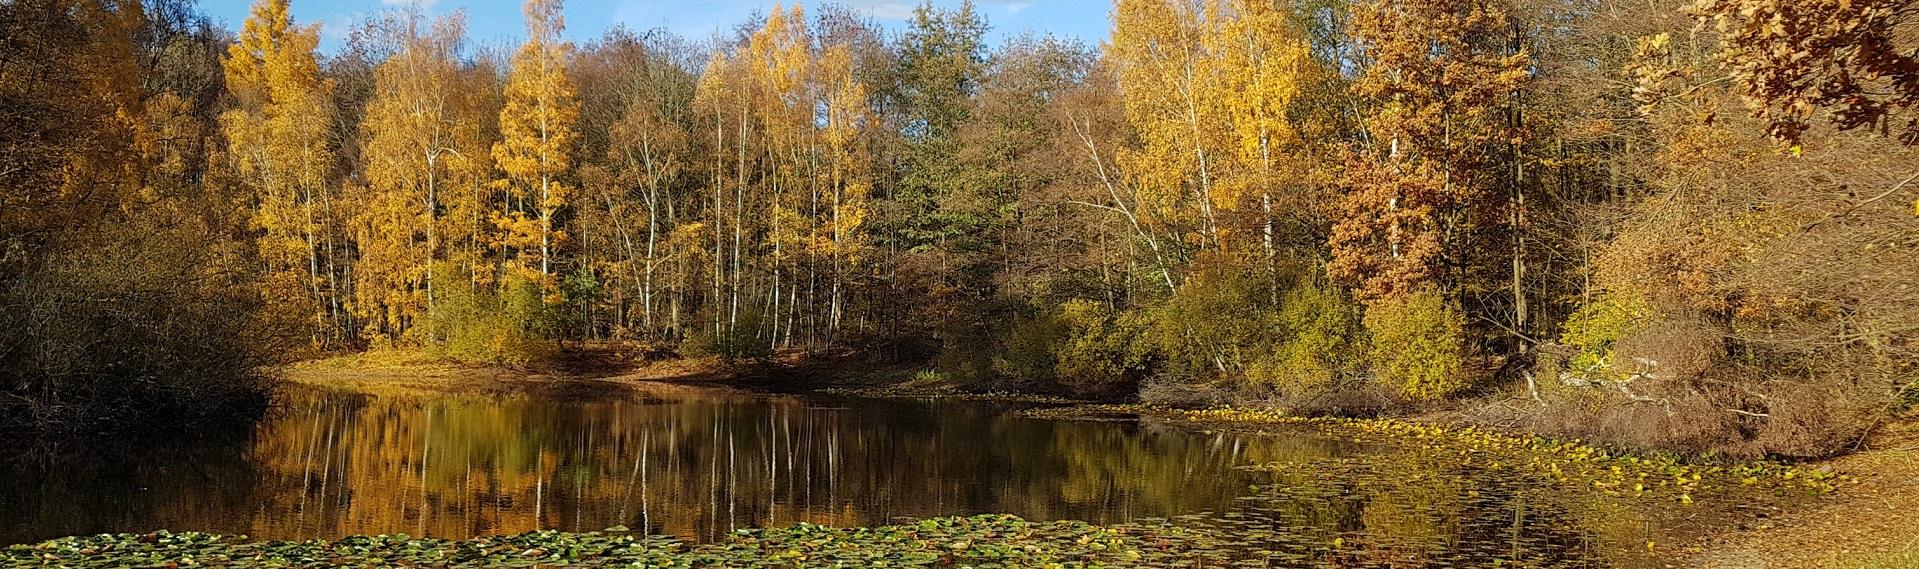 Herbst Seerosenteich